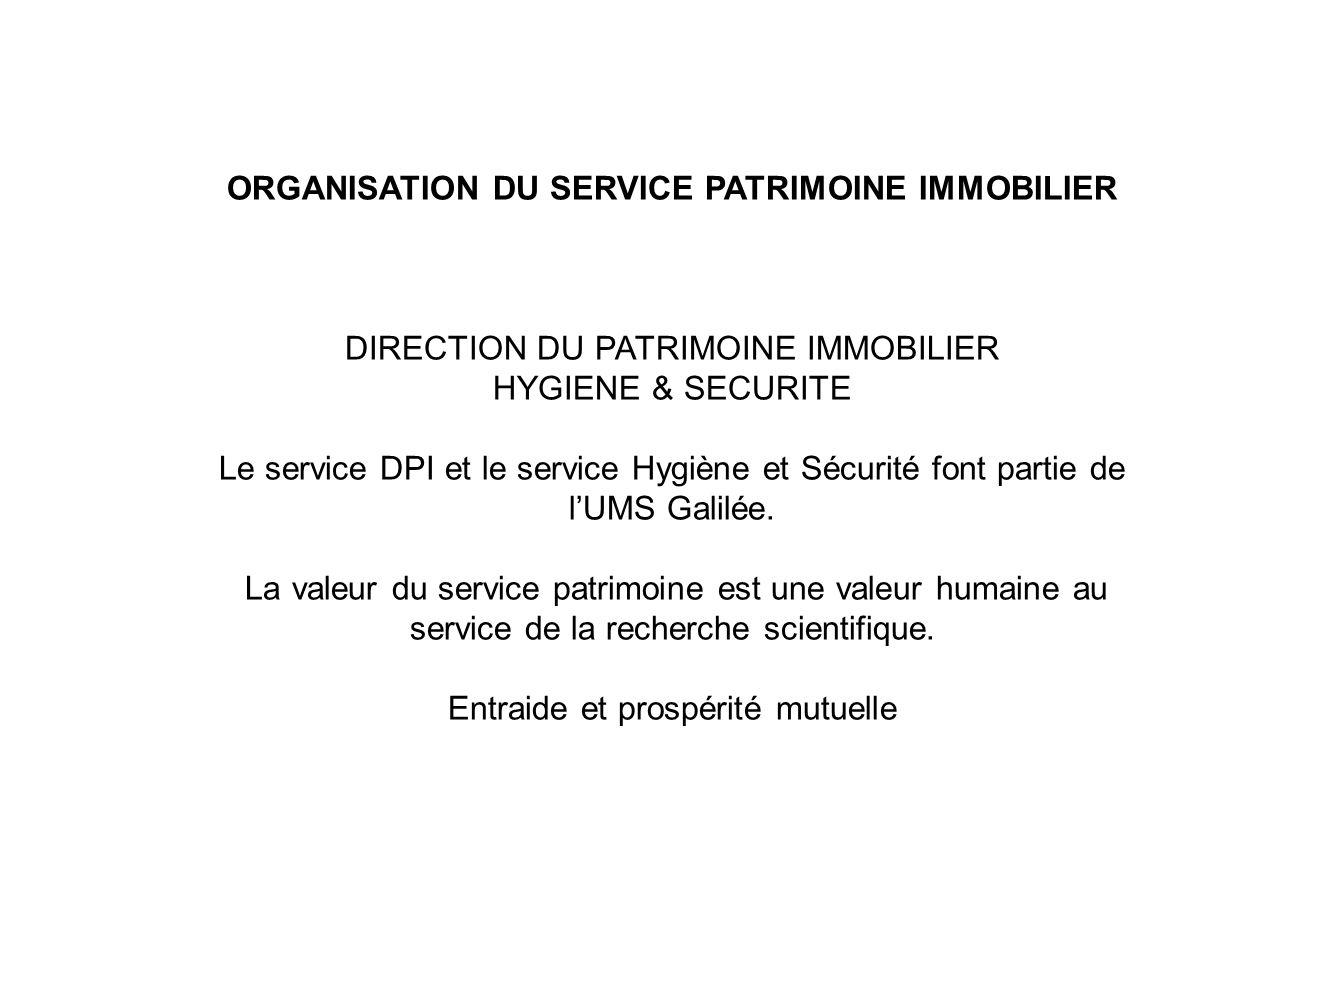 ORGANISATION DU SERVICE PATRIMOINE IMMOBILIER DIRECTION DU PATRIMOINE IMMOBILIER HYGIENE & SECURITE Le service DPI et le service Hygiène et Sécurité font partie de lUMS Galilée.